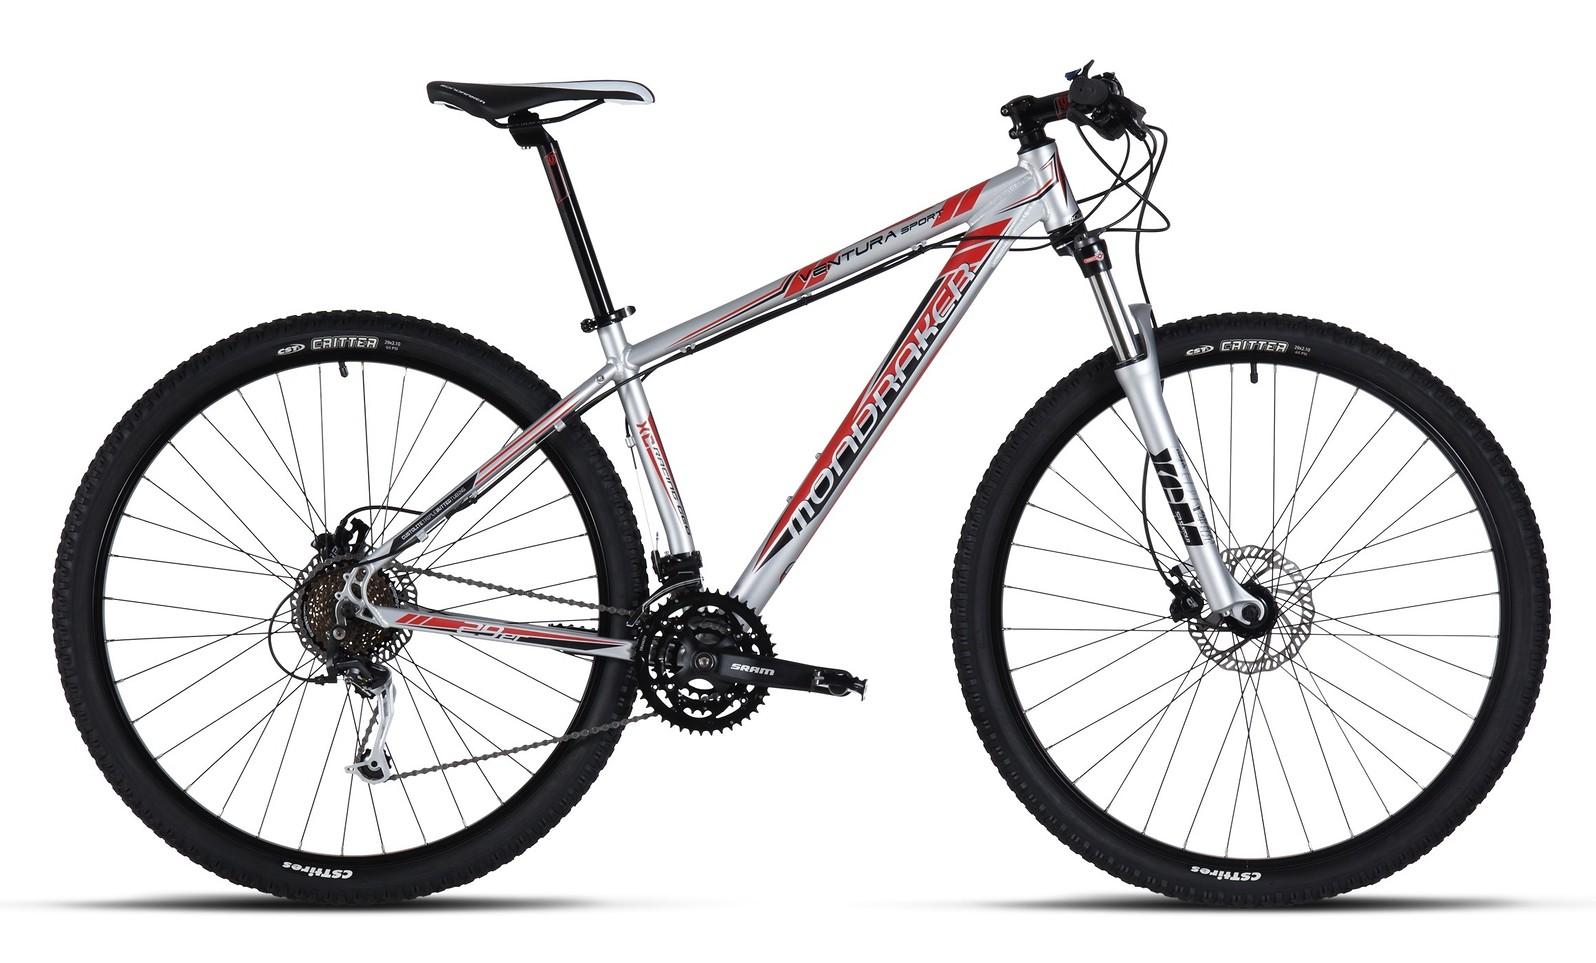 2013 Mondraker Ventura Sport 29er Bike bike - mondraker ventura sport 29er